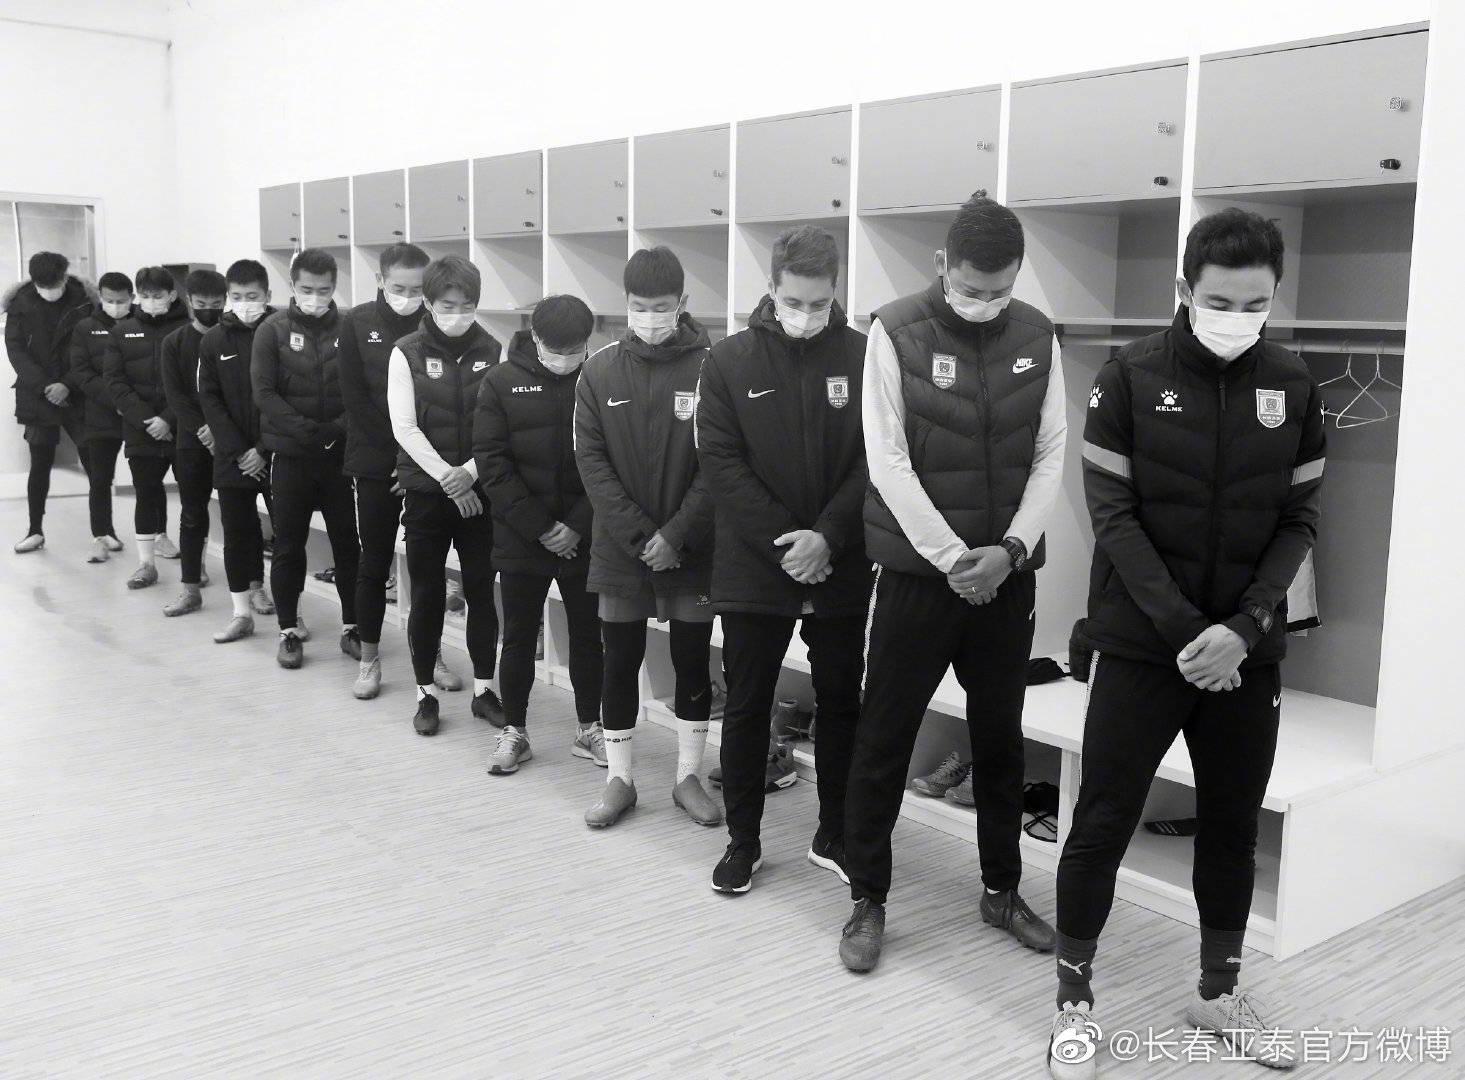 长春亚泰足球俱乐部所有教练员、球员向烈士和逝世同胞默哀